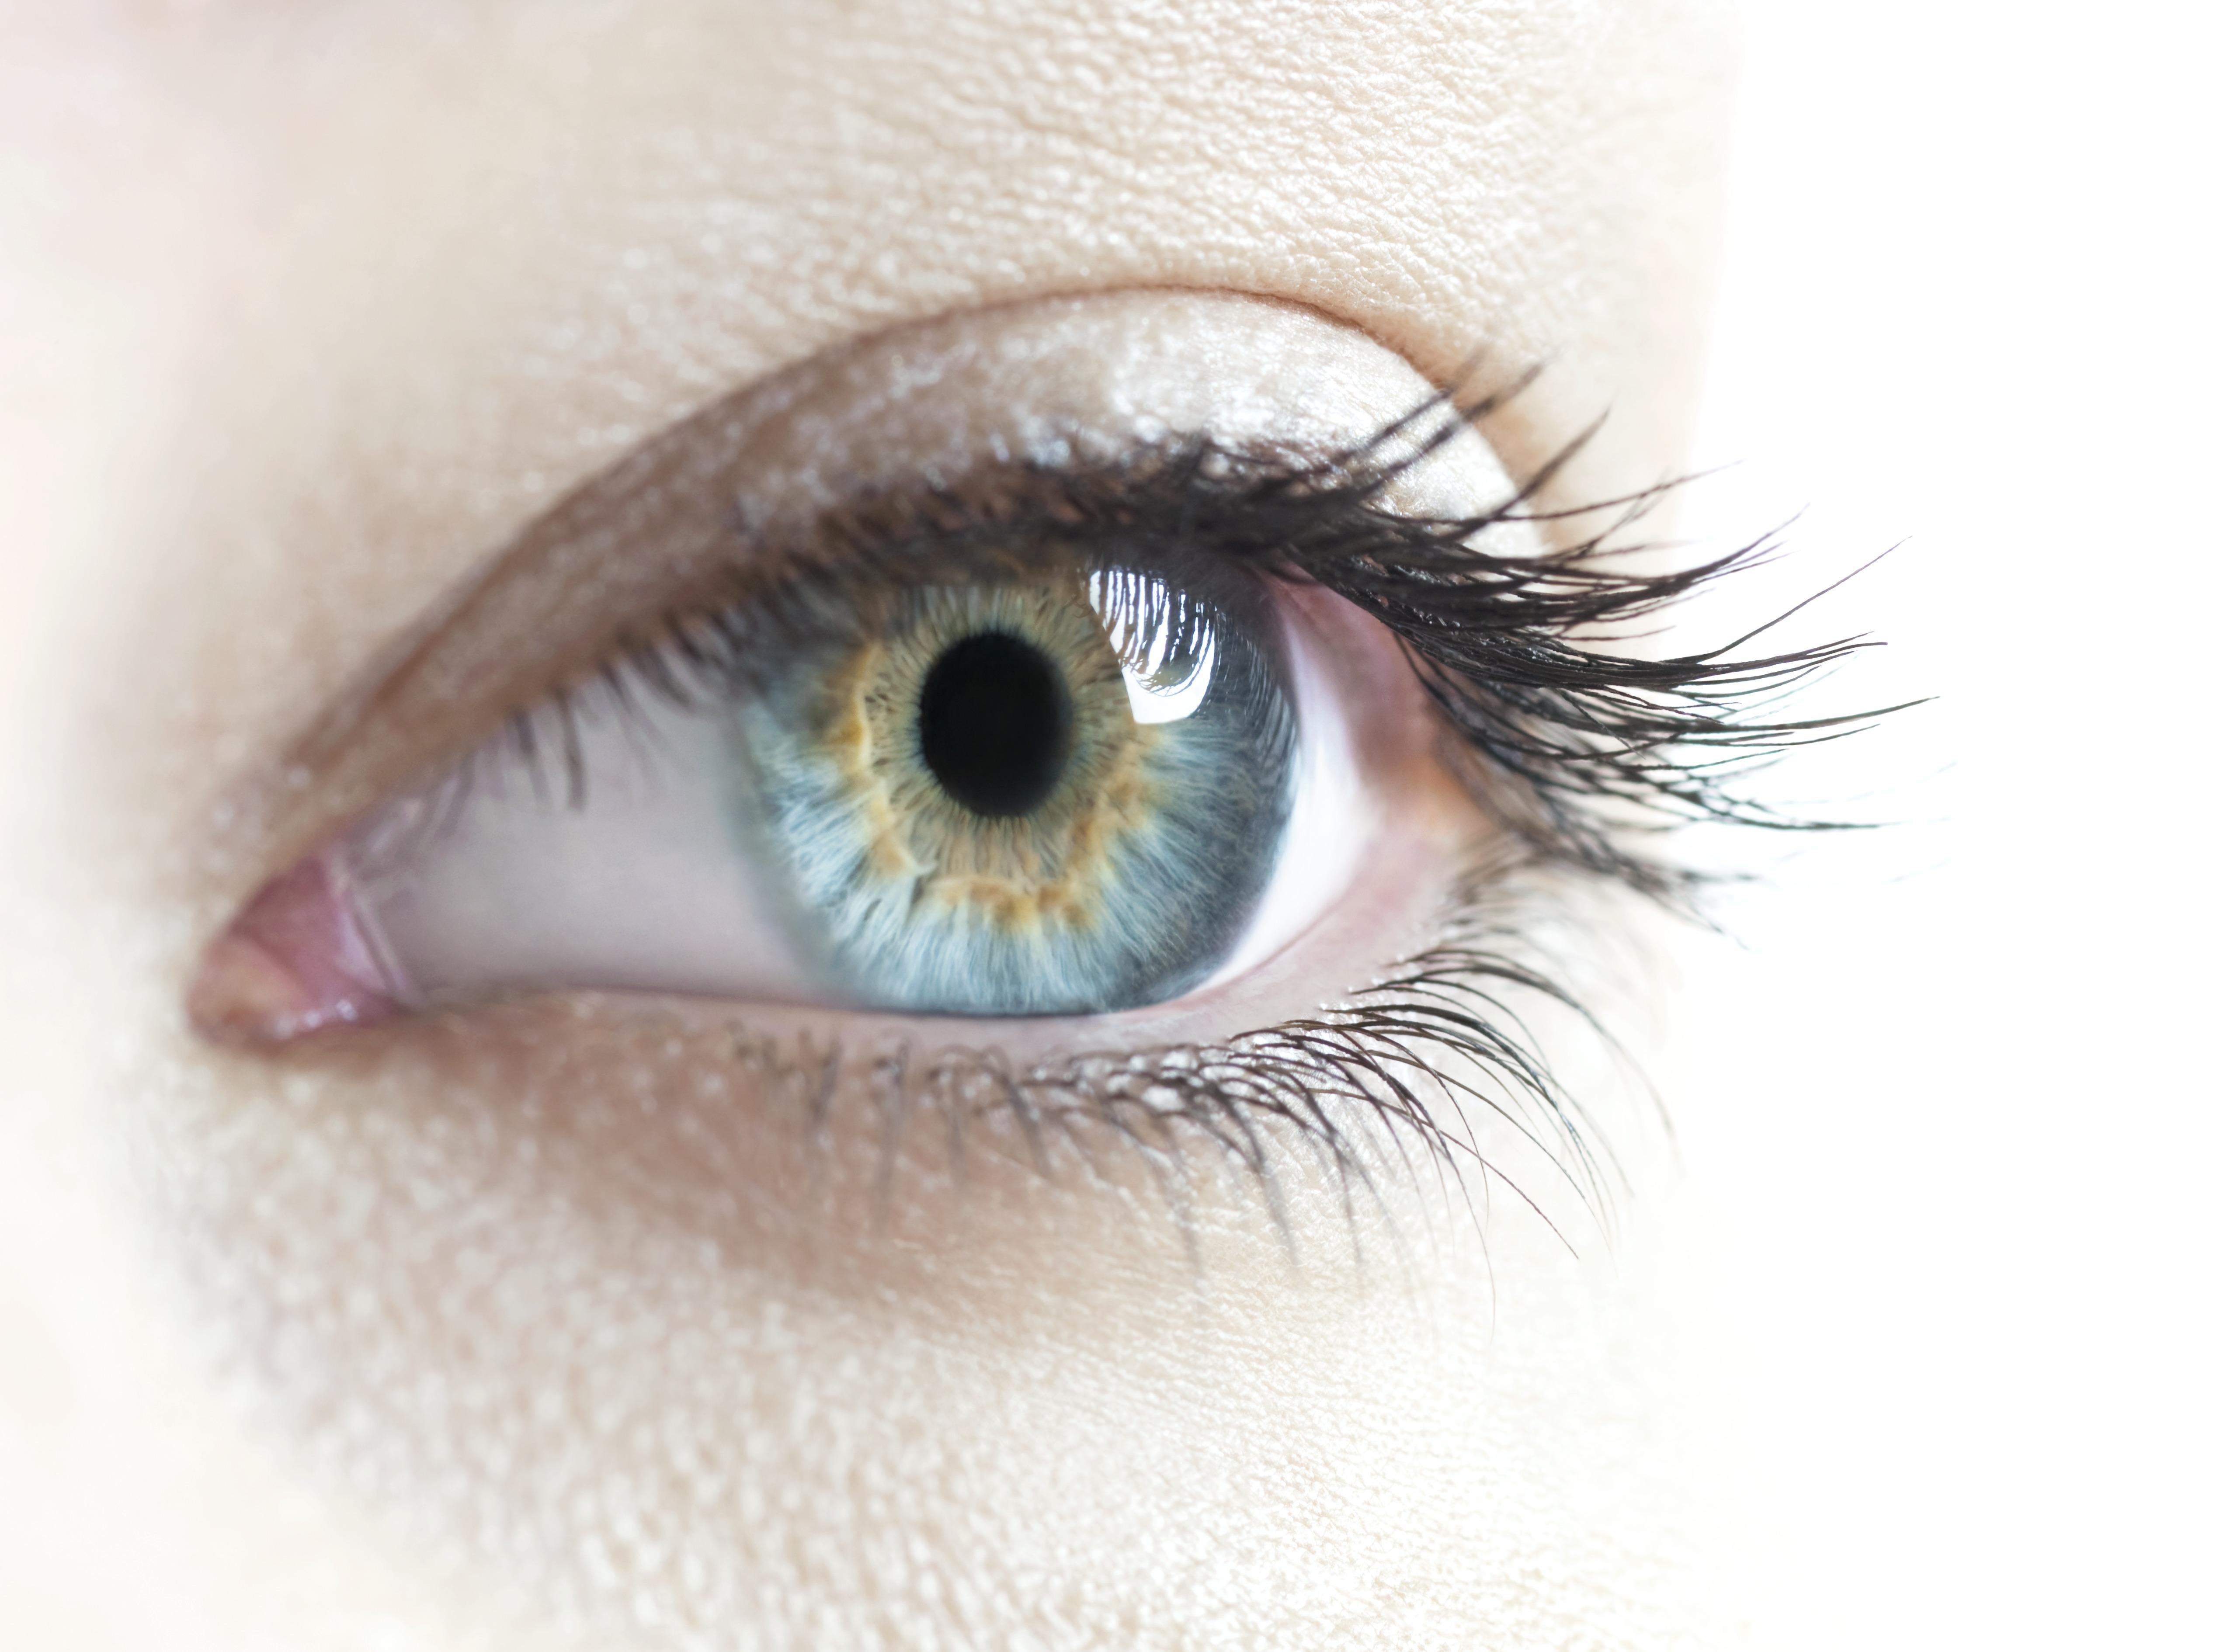 Egy szem elvesztése – Hajni története